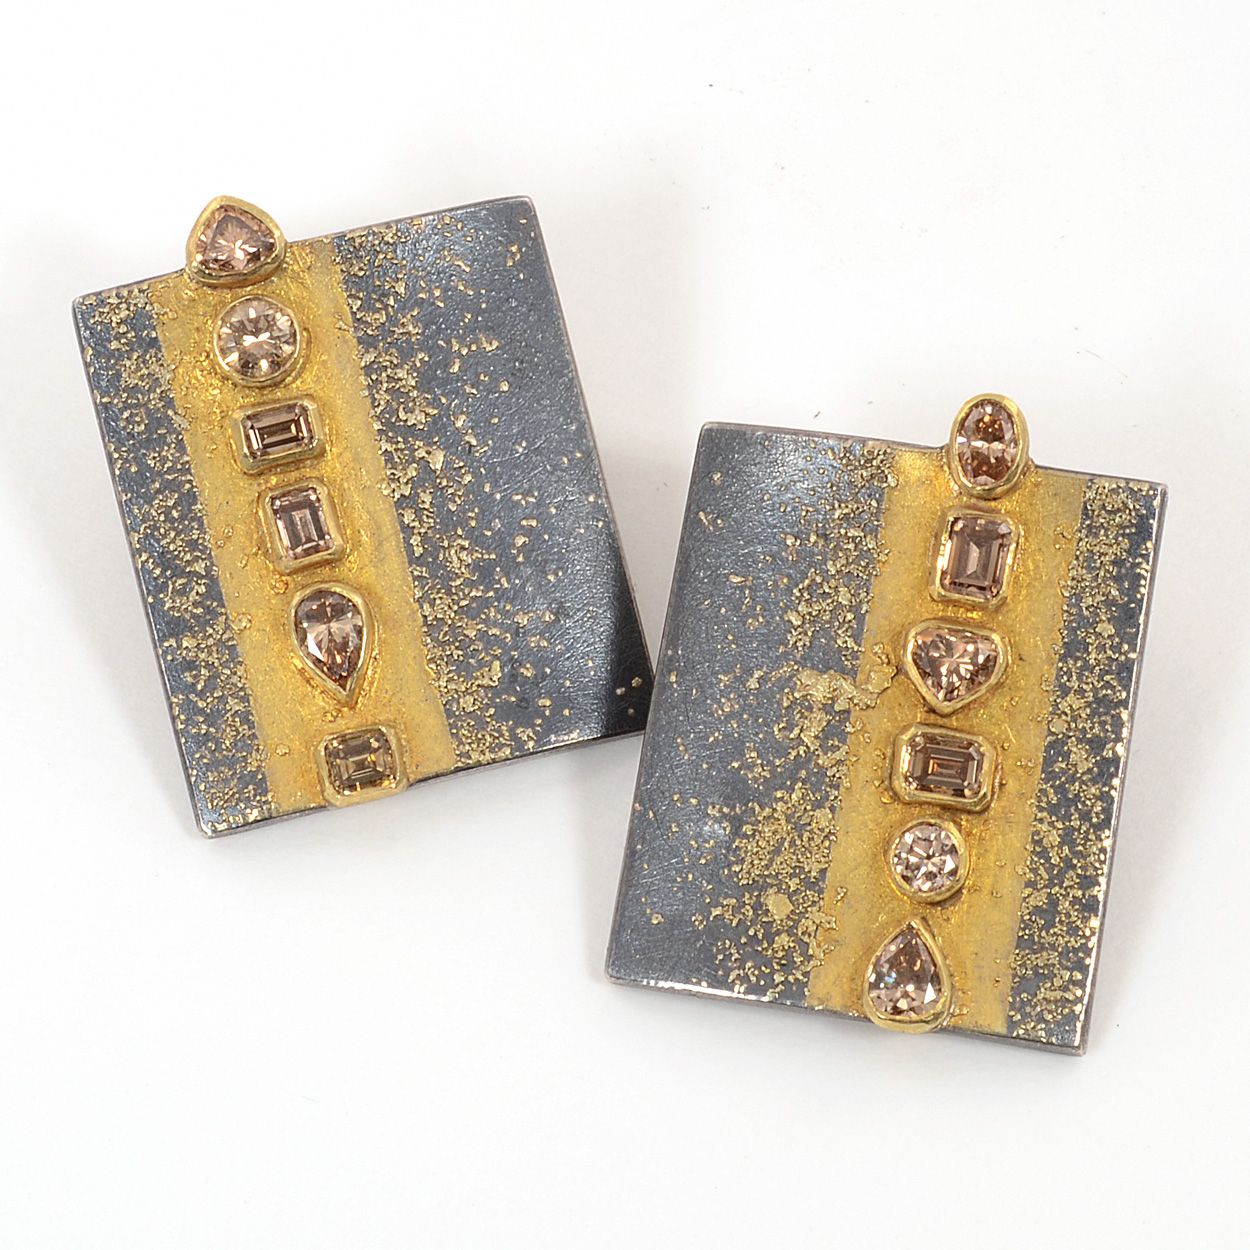 """Atelier Zobel Earrings at Patina Gallery.  MZ-1-0507 Earrings, Oxidized Sterling Silver, 22K and 24K gold, 4.92cts Fancy Brown Diamonds, 1"""" wide by 1 3/8"""" long. #artjewelry #Zobel"""